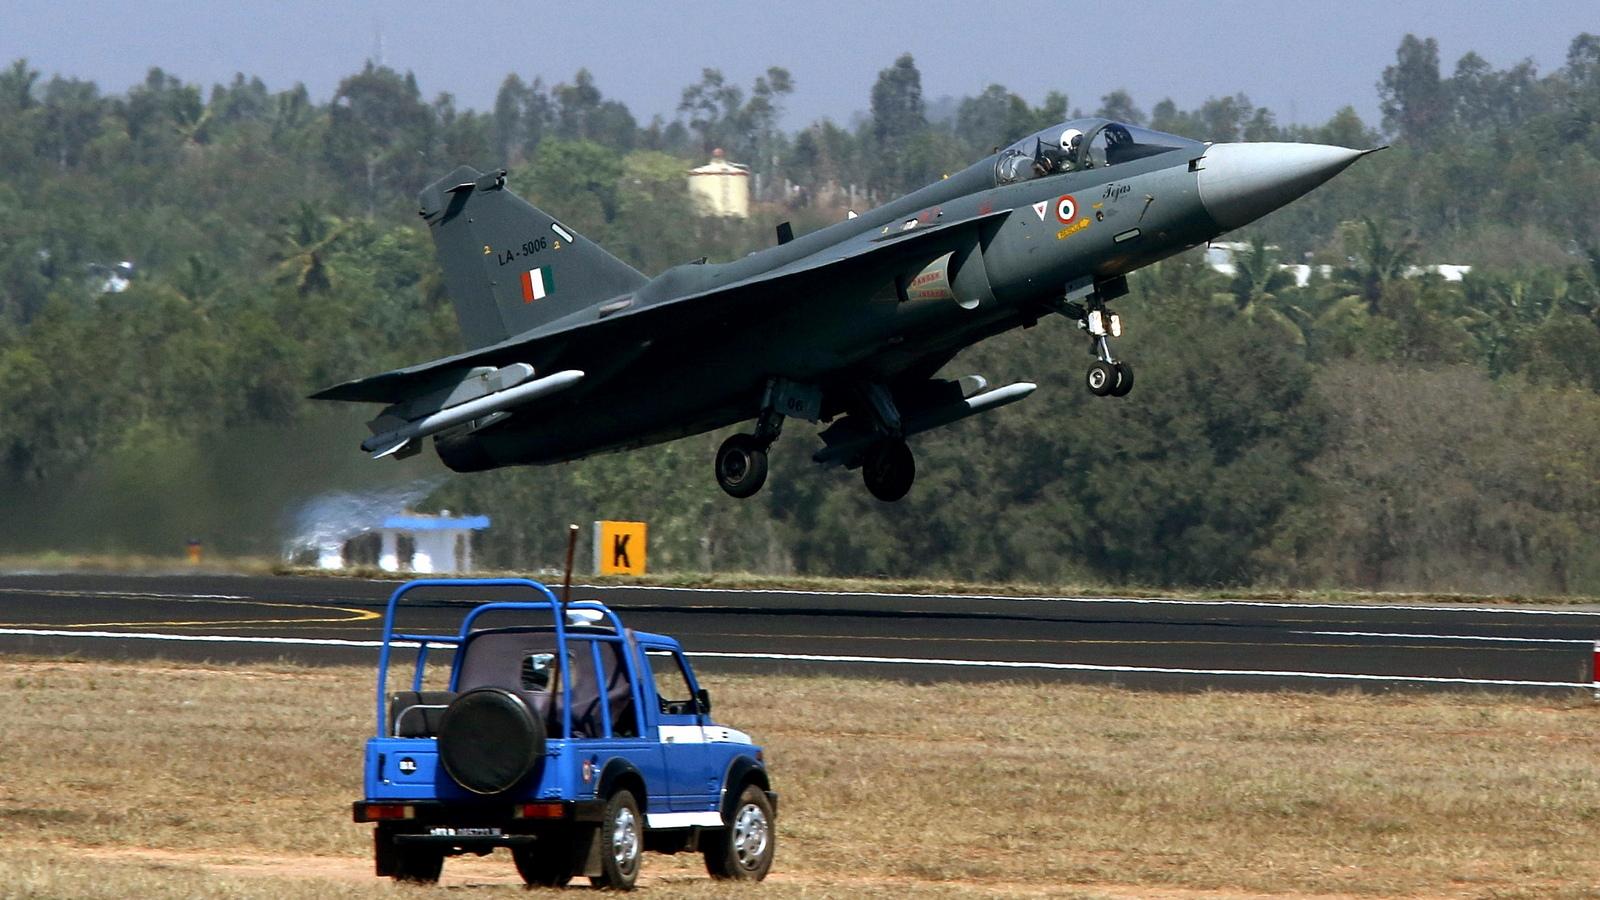 Свръхзвуковата многоцелева машина Tejas е на 60% продукт на Hindustan Aeronautics Limited (HAL) и на Министерството на отбраната на Индия. Разработката е продължила повече от 30 години.